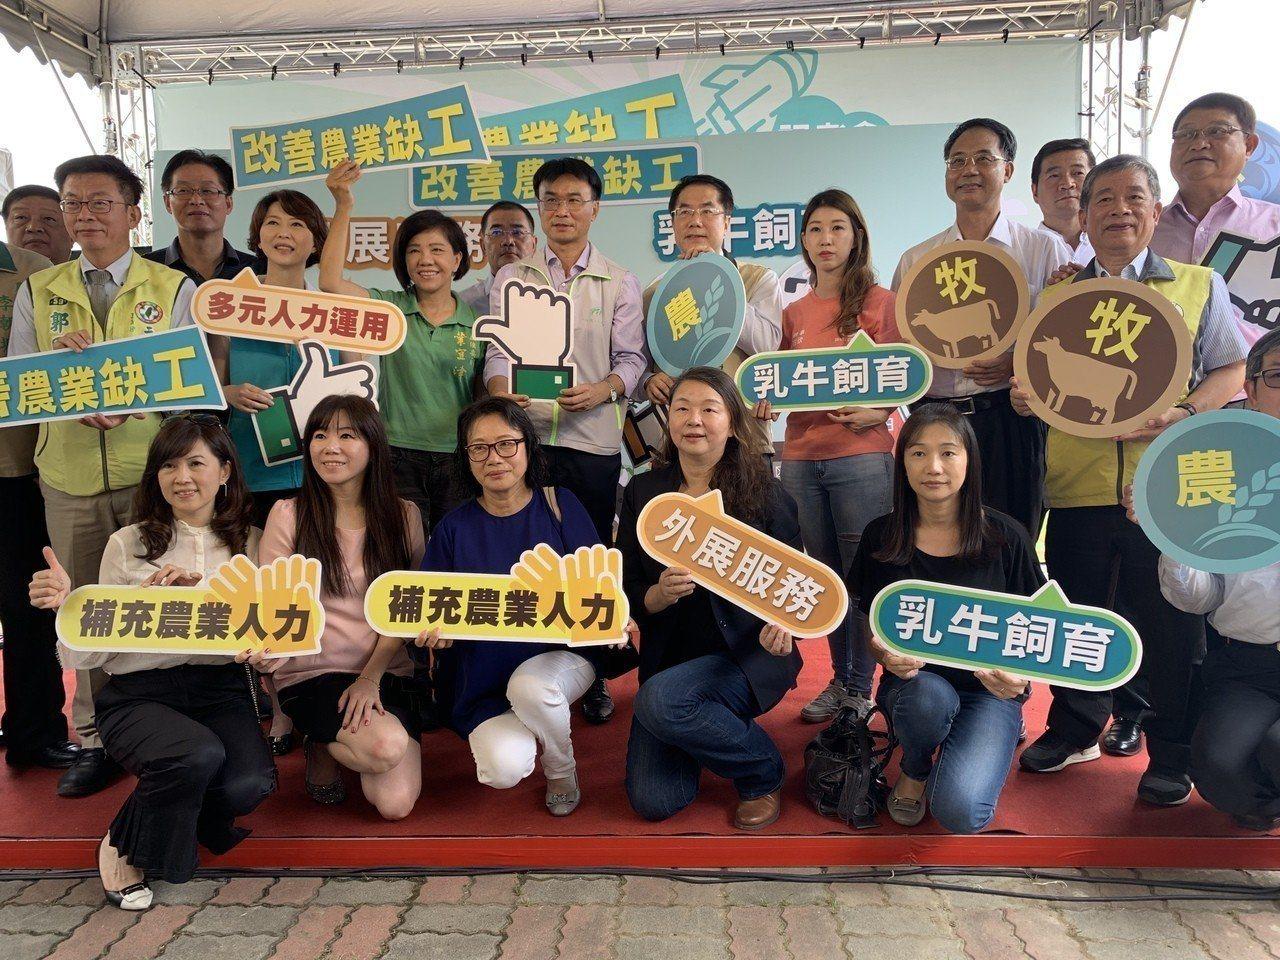 農委會主委陳吉仲今天在台南市柳營酪農區宣布「農業外勞」正式啟動。記者吳淑玲/攝影